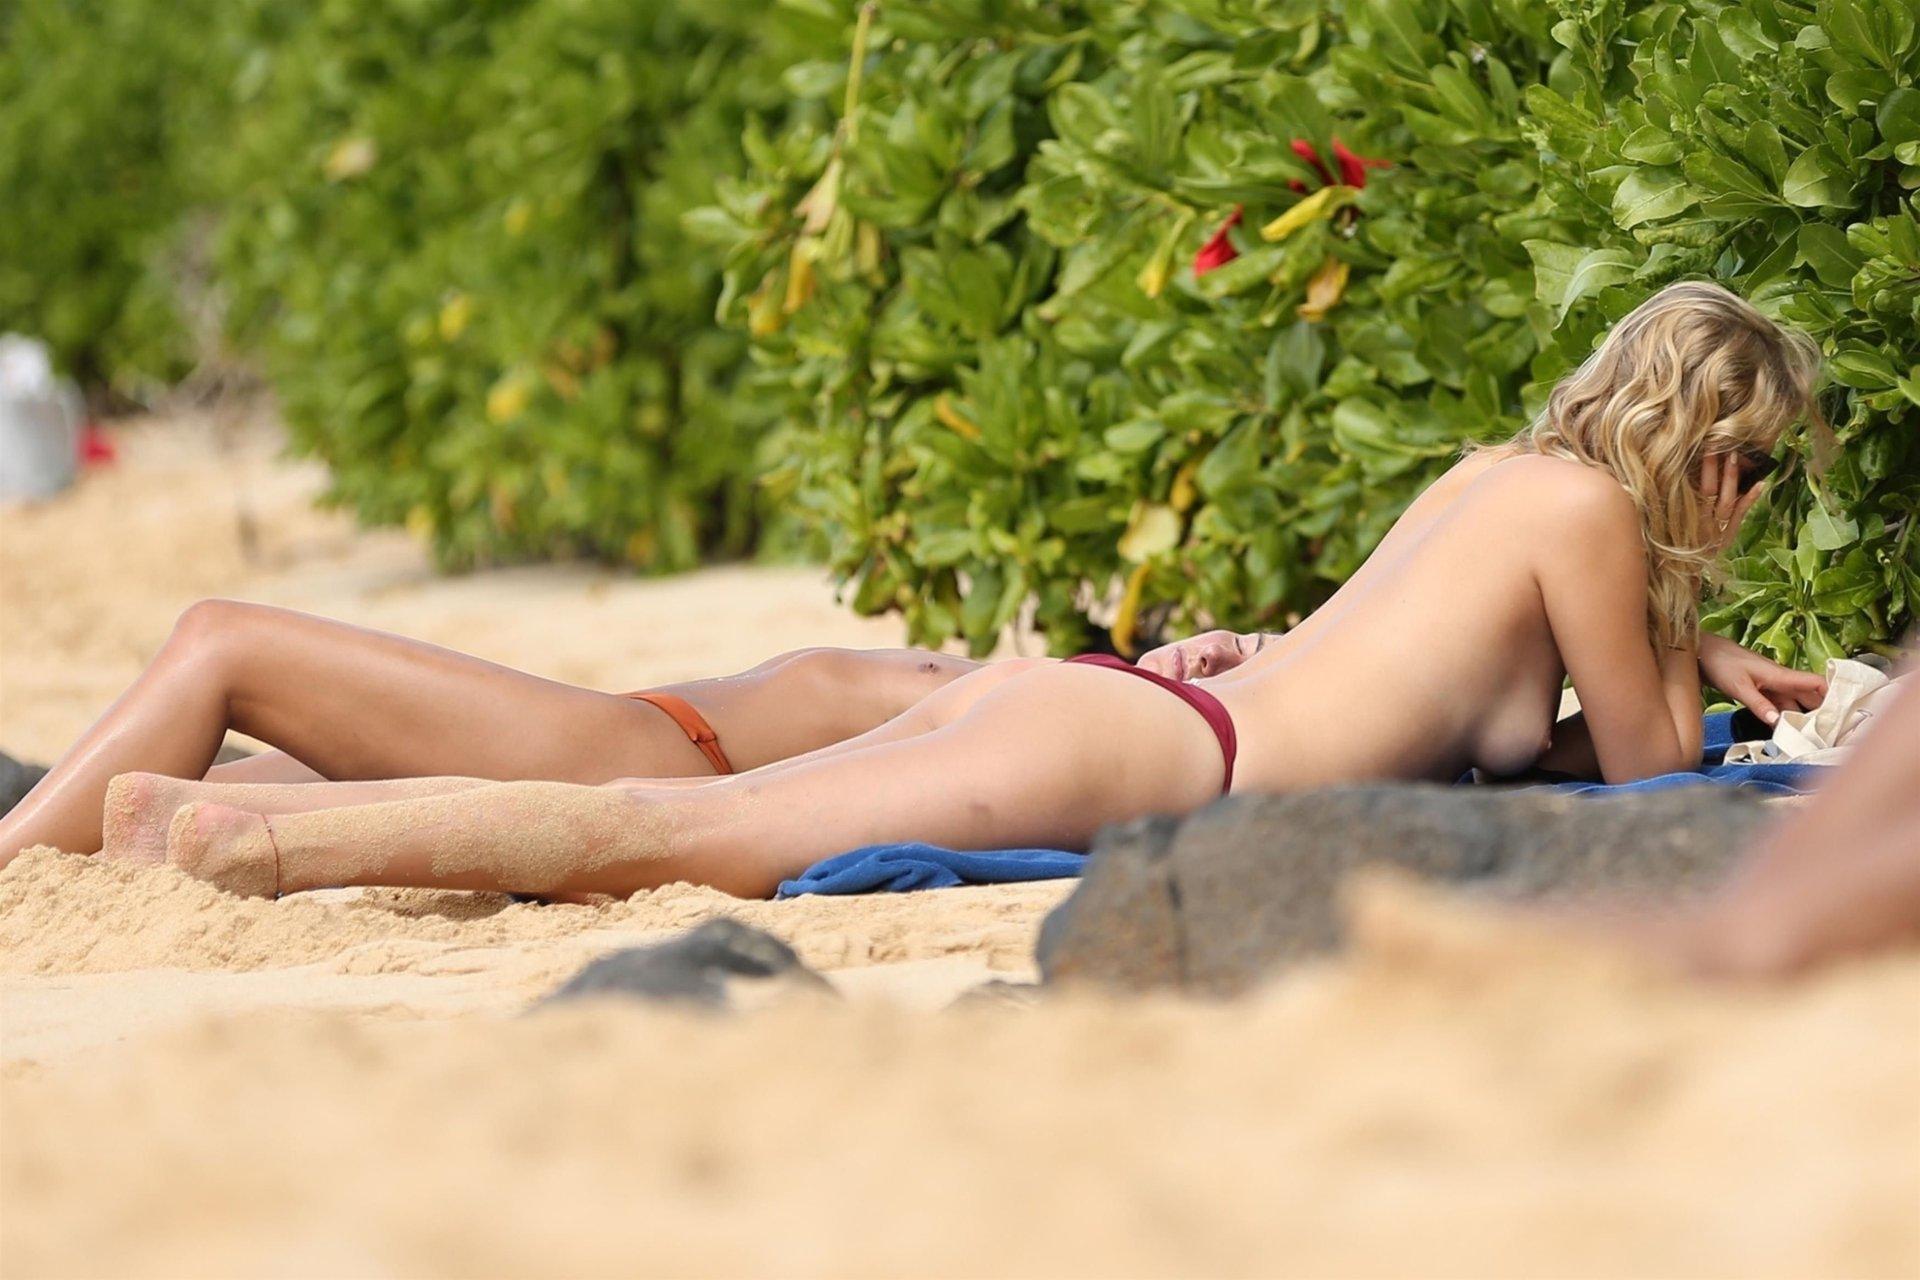 Toni garrn topless